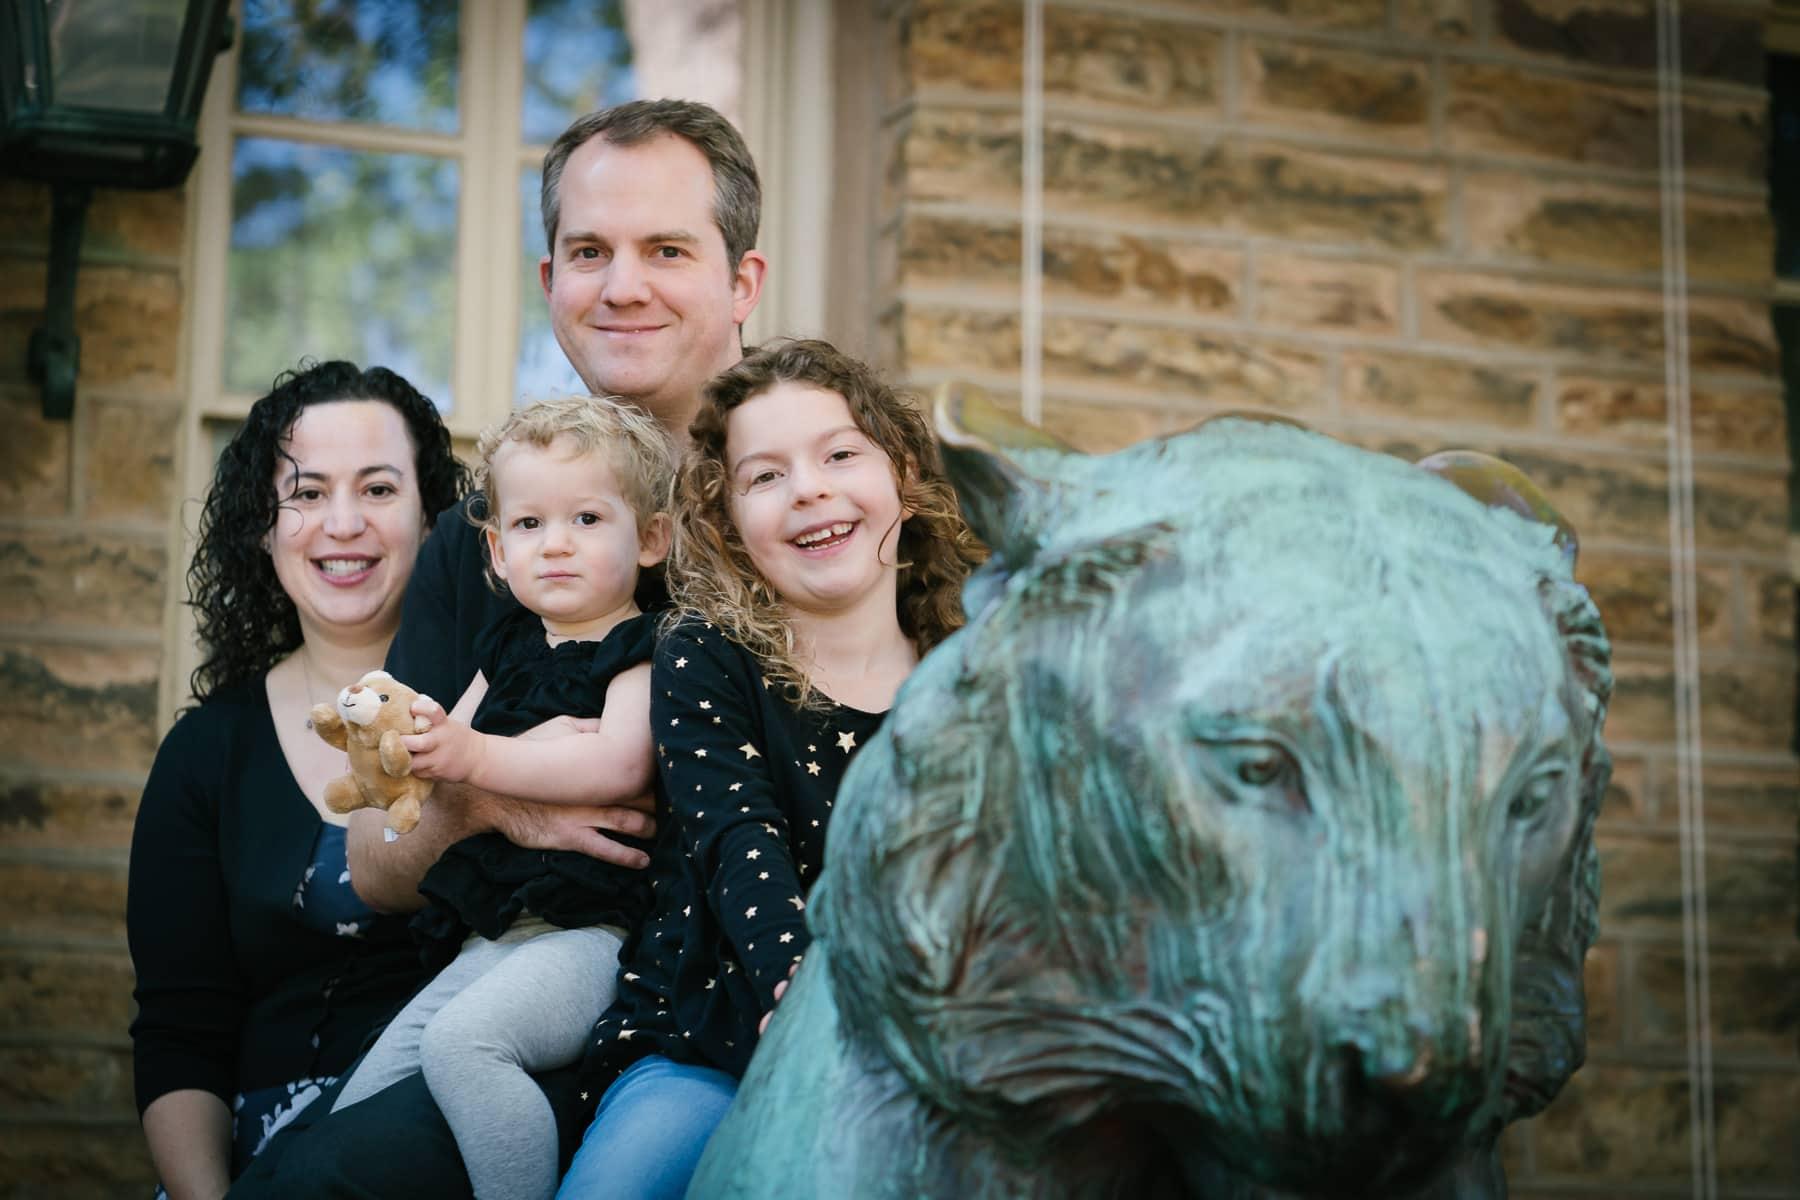 Familienfotograf Lörrach Freiburg Familie auf Statue